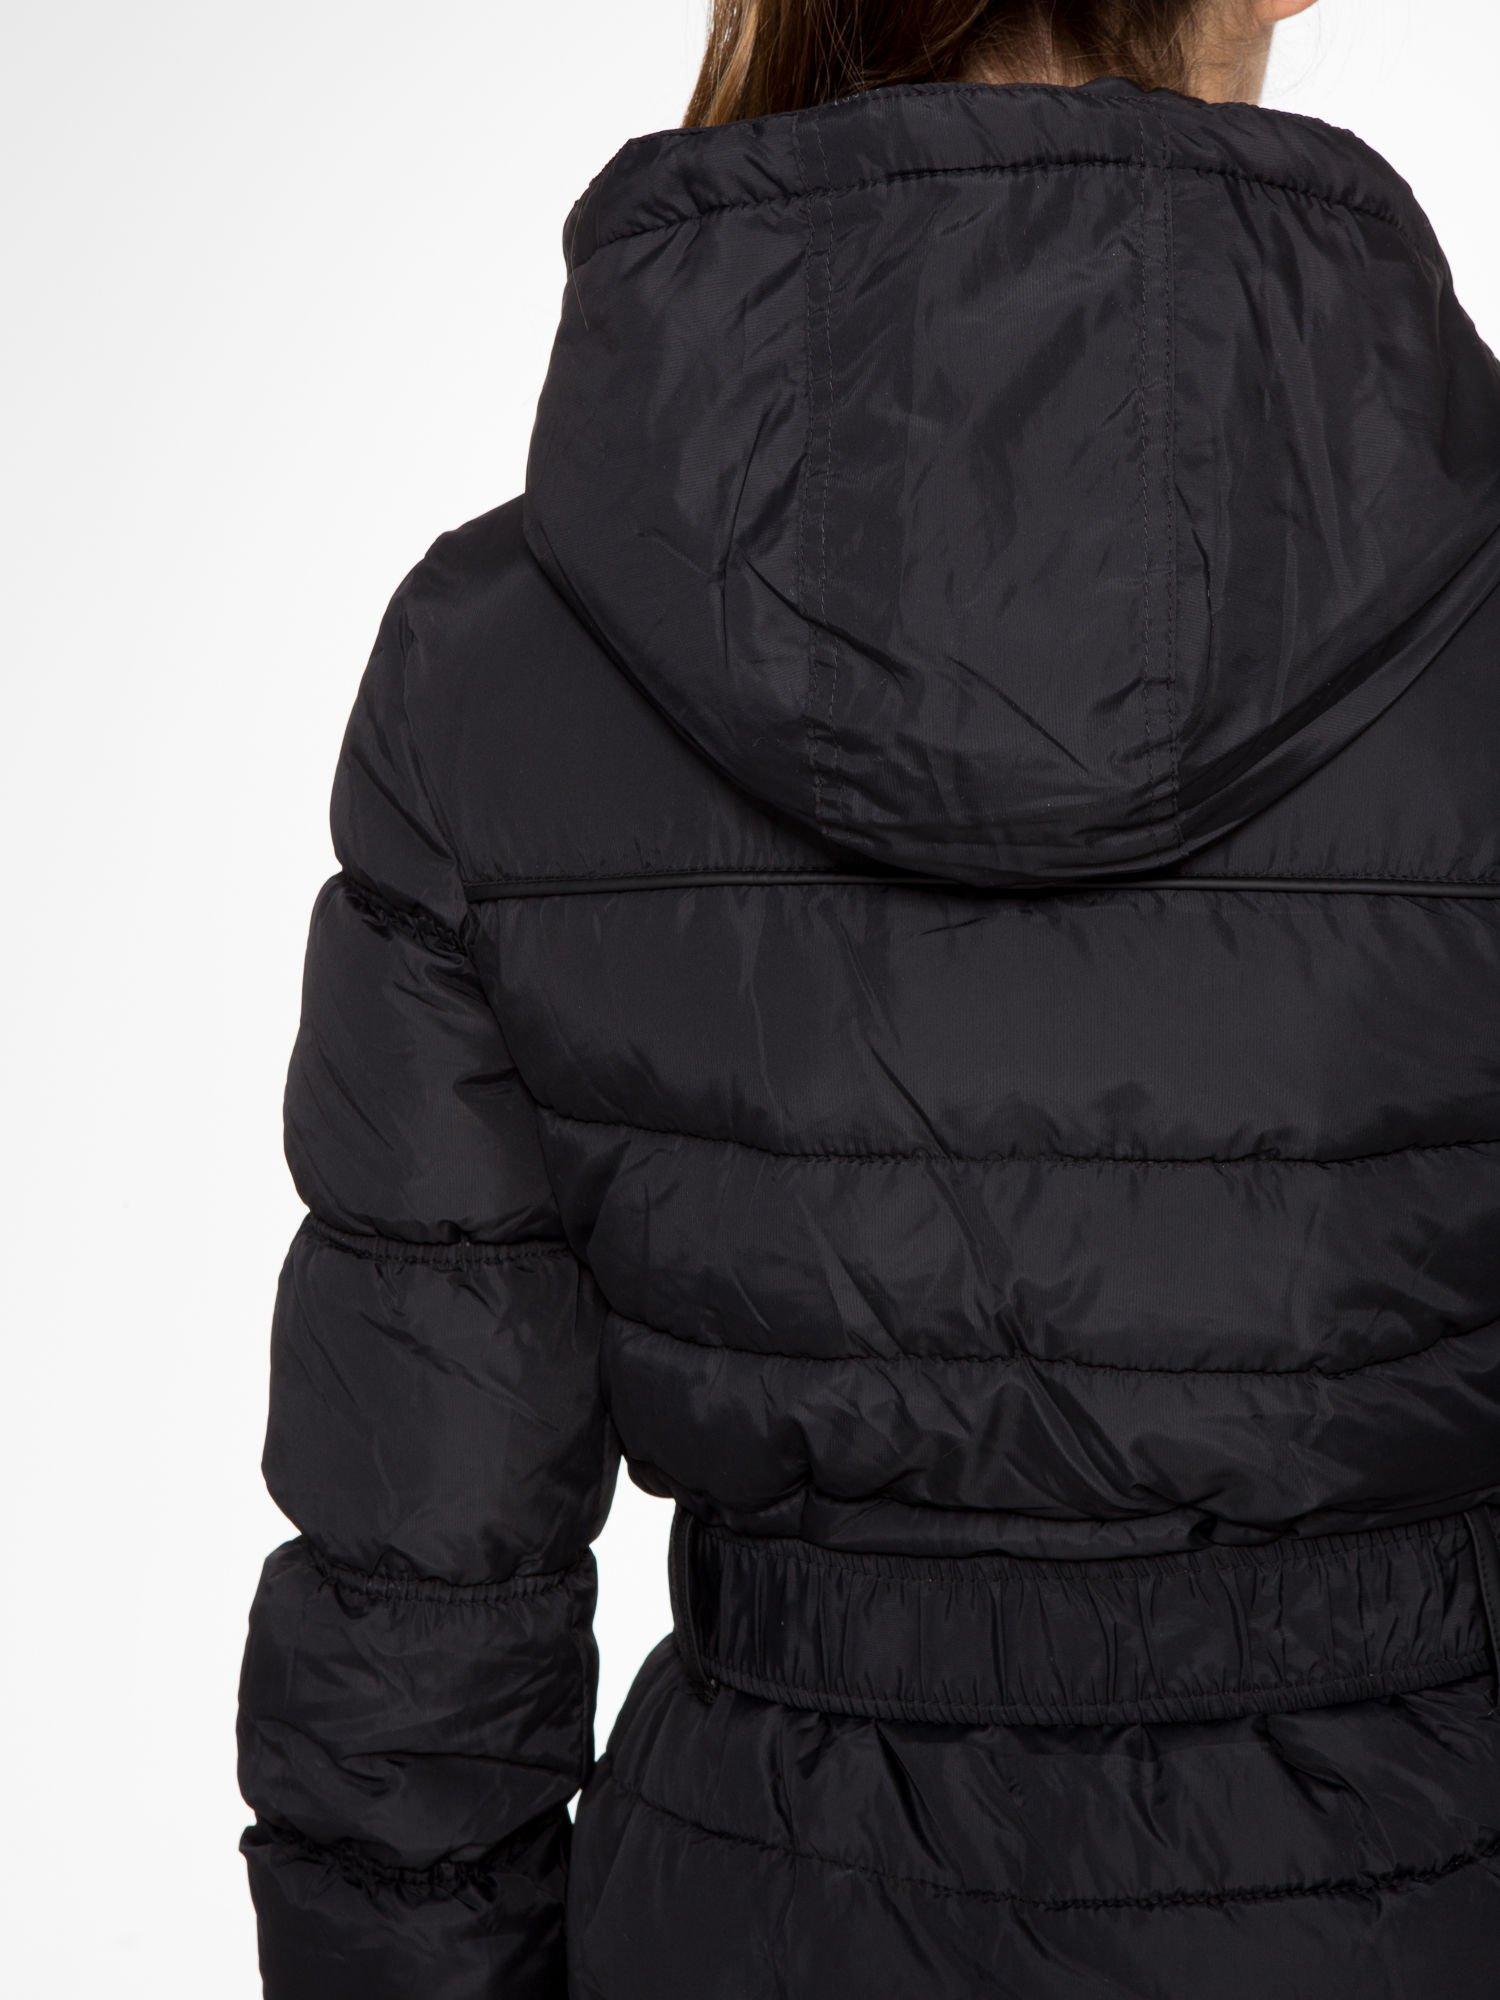 Czarny puchowy płaszcz zapinany na pasek z klamrą                                  zdj.                                  9